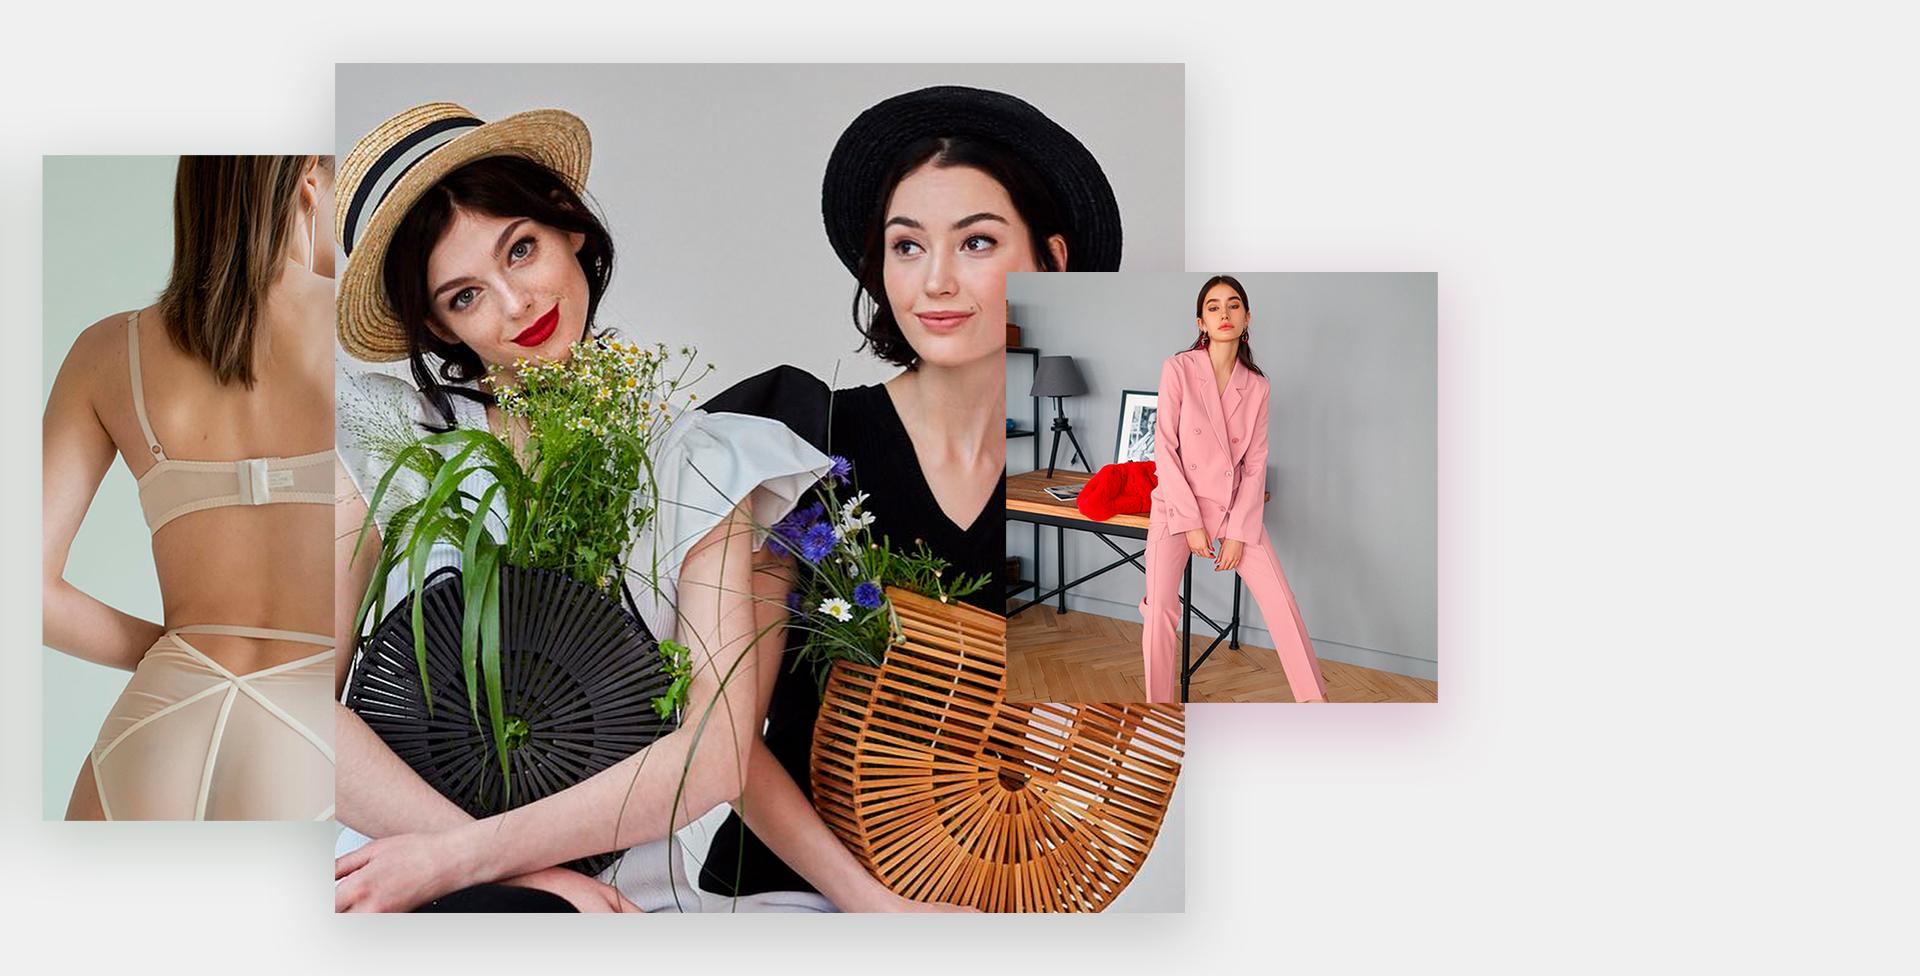 Полный гид по Instagram-шопингу  50 магазинов с лучшими предложениями     Мода    РБК Pink 234f5c44eccd3